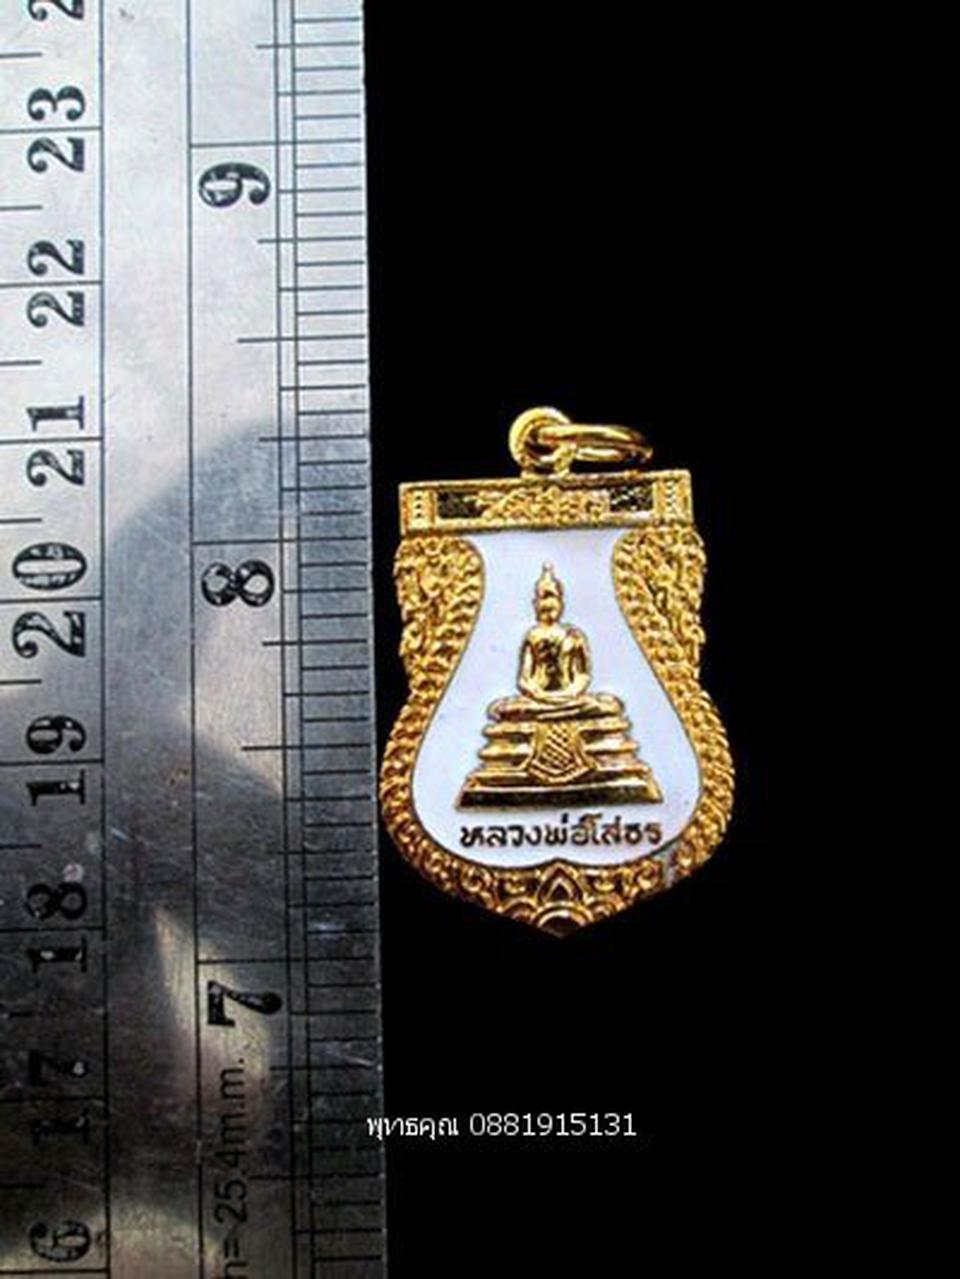 เหรียญลงยาหลวงพ่อโสธร วัดโสธร ฉะเชิงเทรา ปี2540 รูปที่ 3